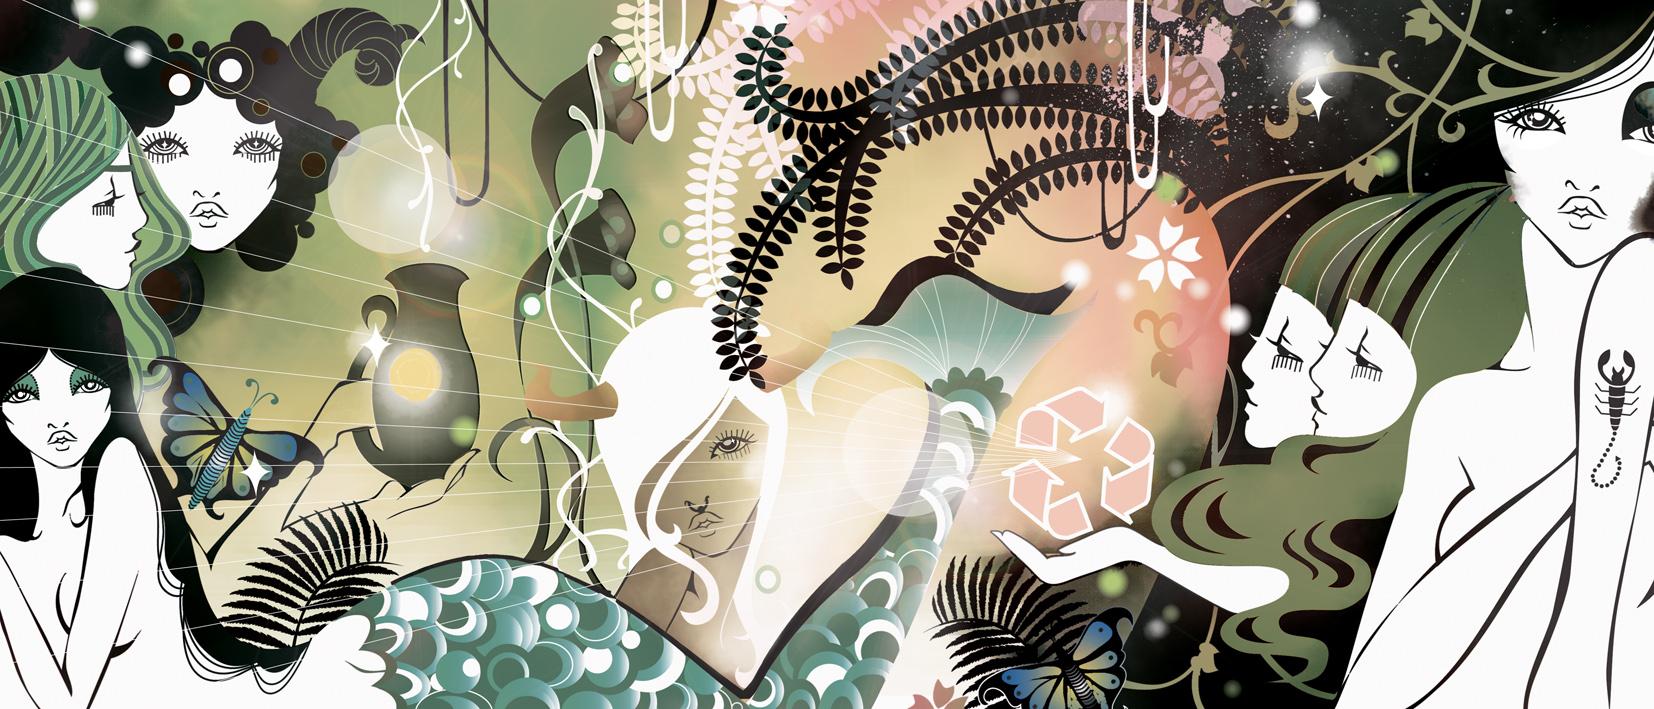 Sunday Times Newspaper Style Magazine Horoscope Eco Utopia